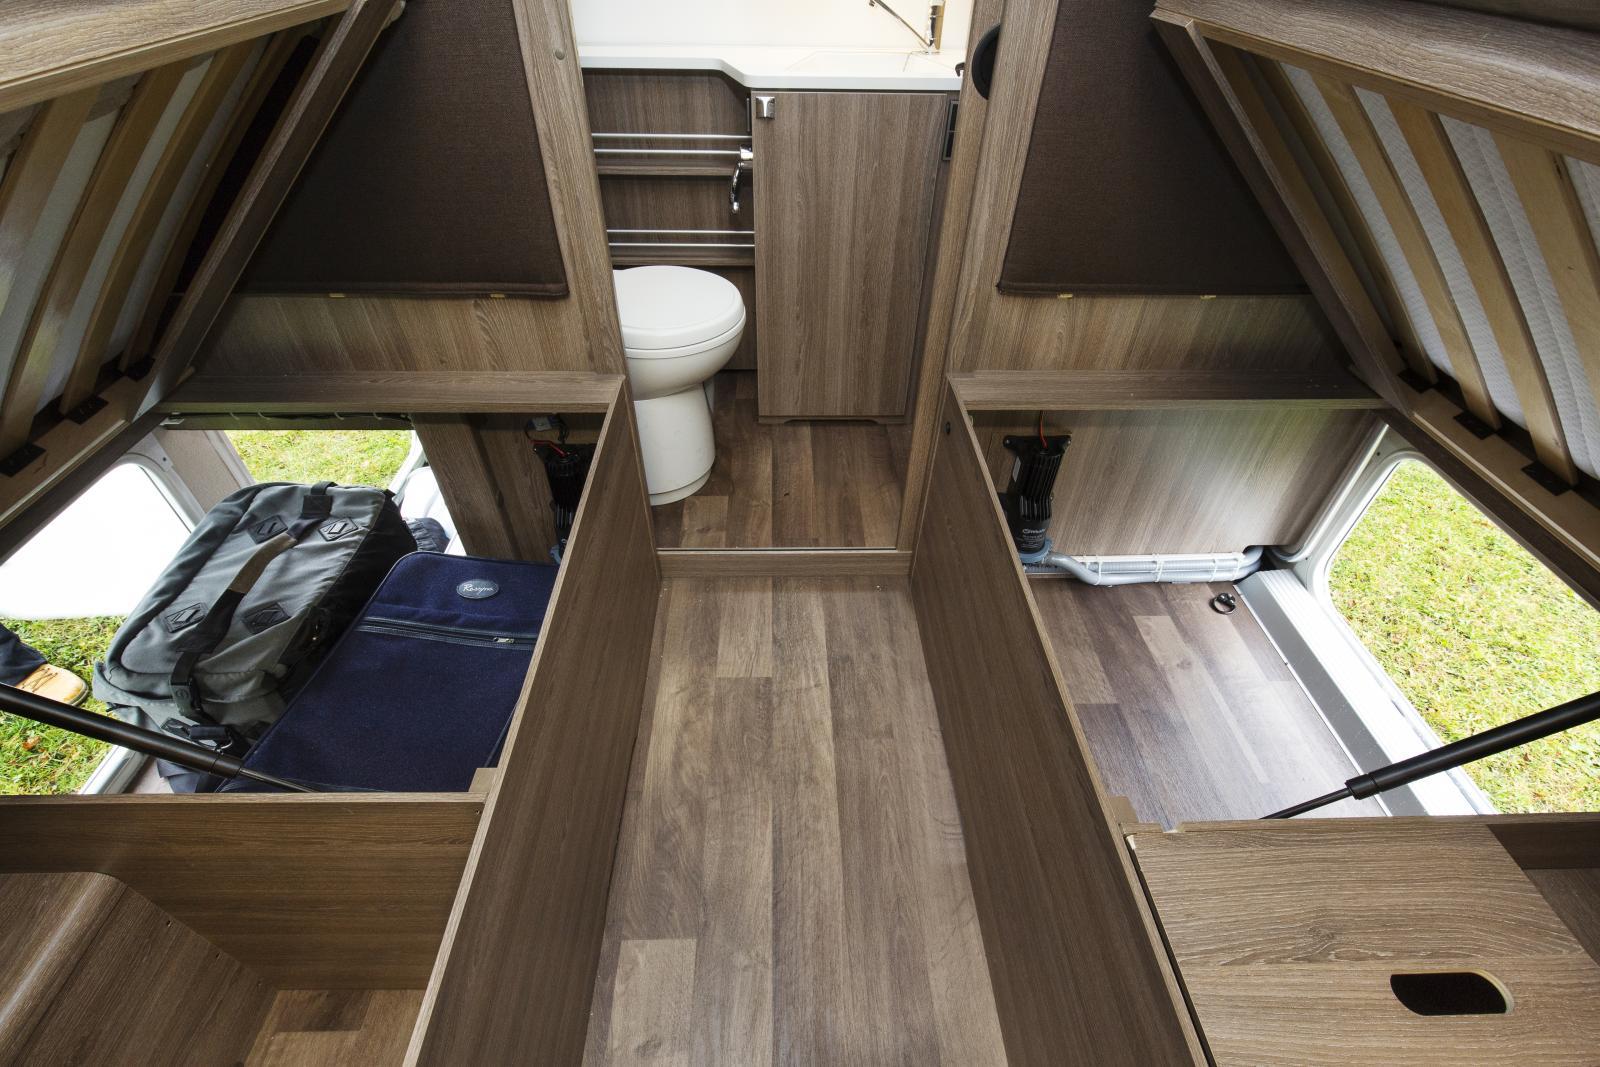 Under sängarna finns ett stort utrymme. På vissa modeller kommer man åt utrymmet även utifrån.